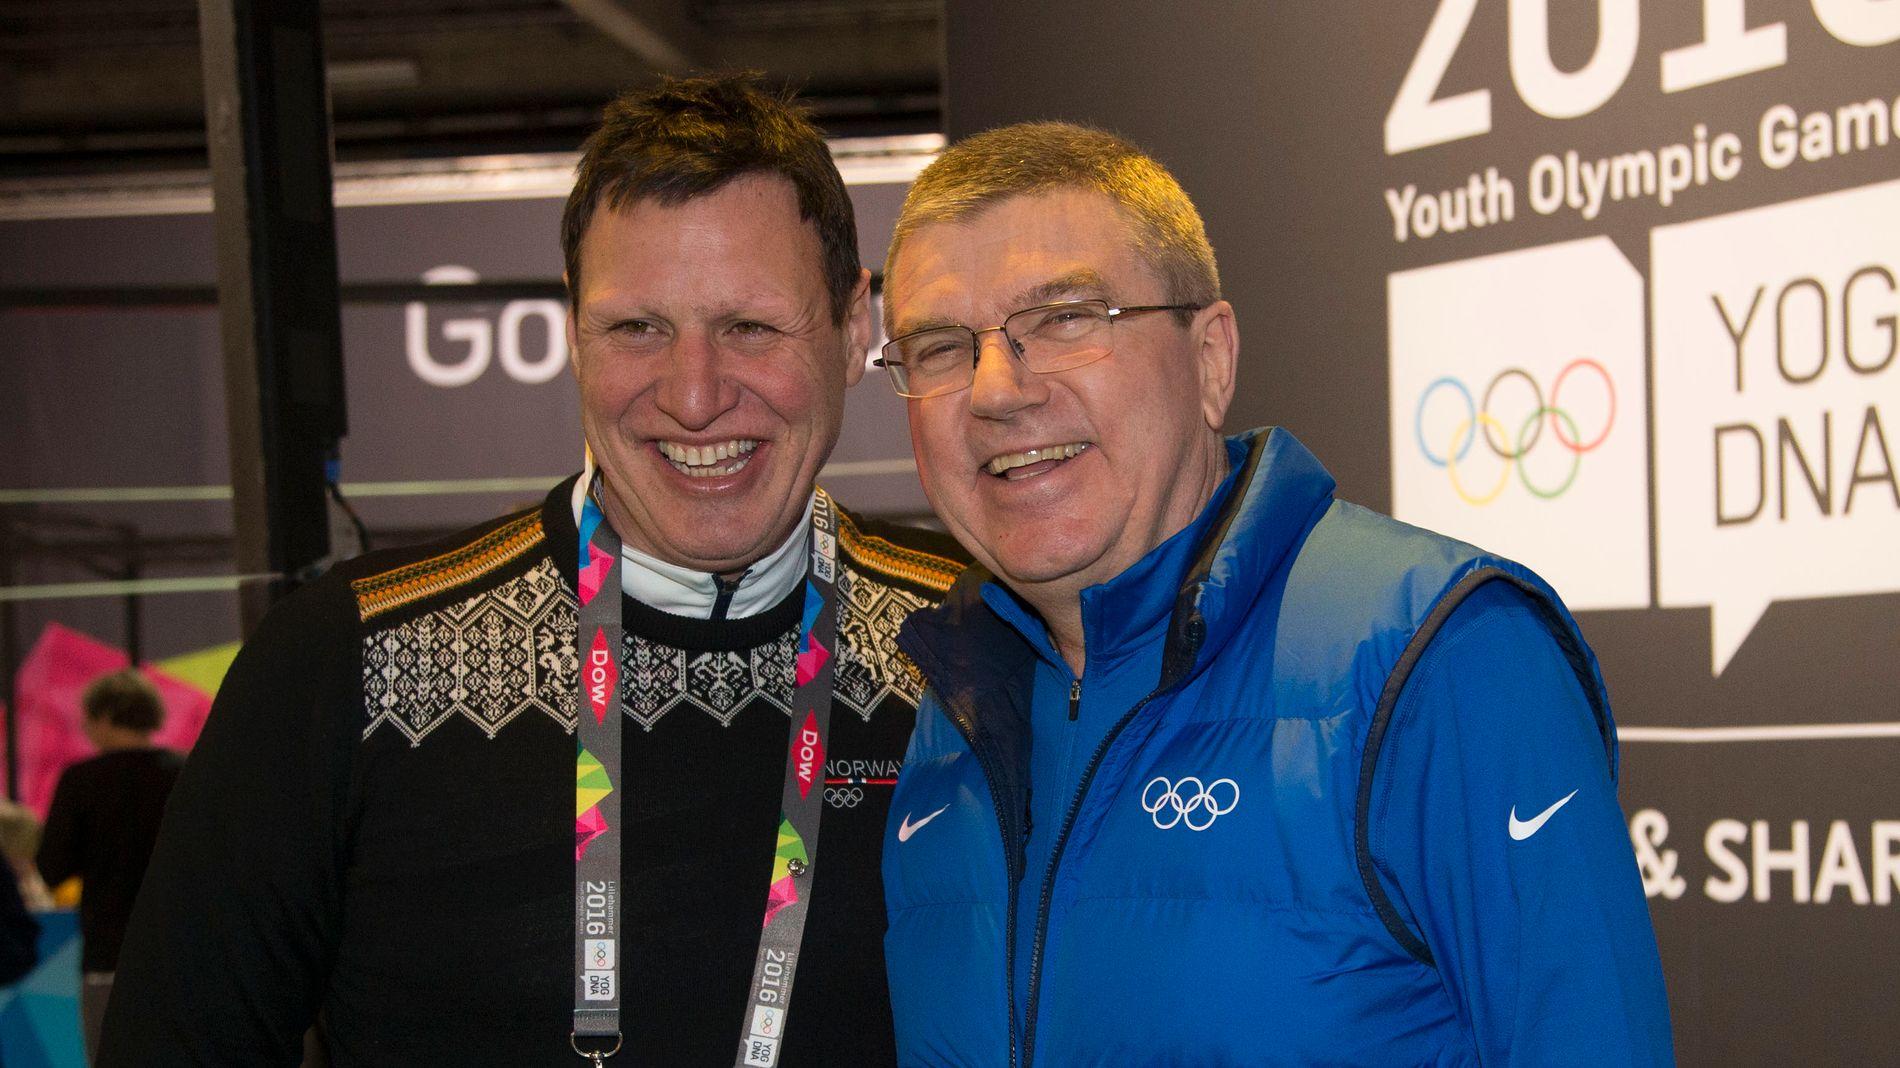 STØTTER IOC: Tom Tvedt er fornøyd med avgjørelsen IOC-president Thomas Bach (t.h.) og styret kom med i dag. Her er de avbildet under ungdoms-OL i Lillehammer i 2016.